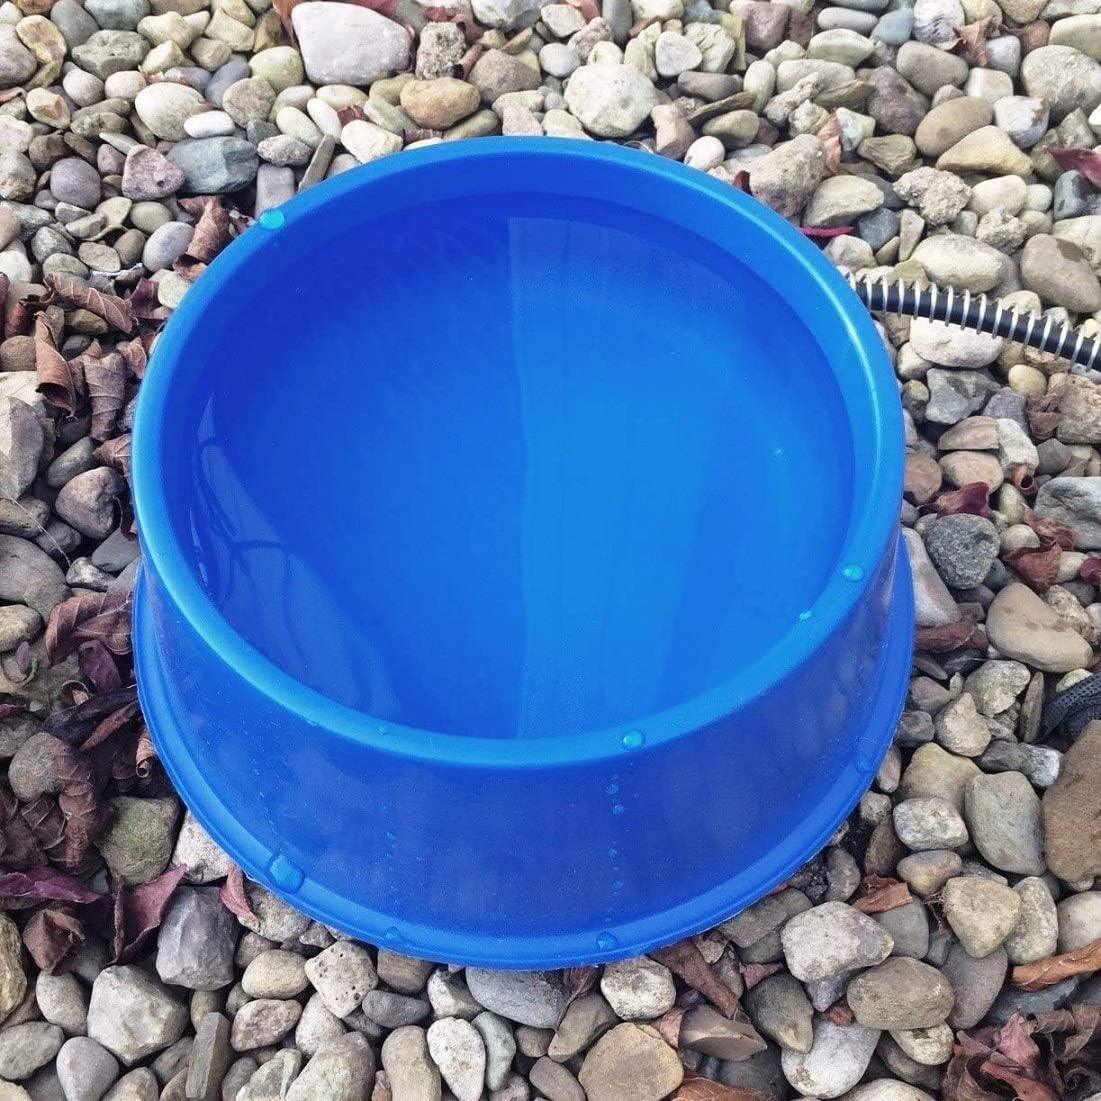 Farm Innovators QT-1C 25W Heated Pet Bowl 1 Quart